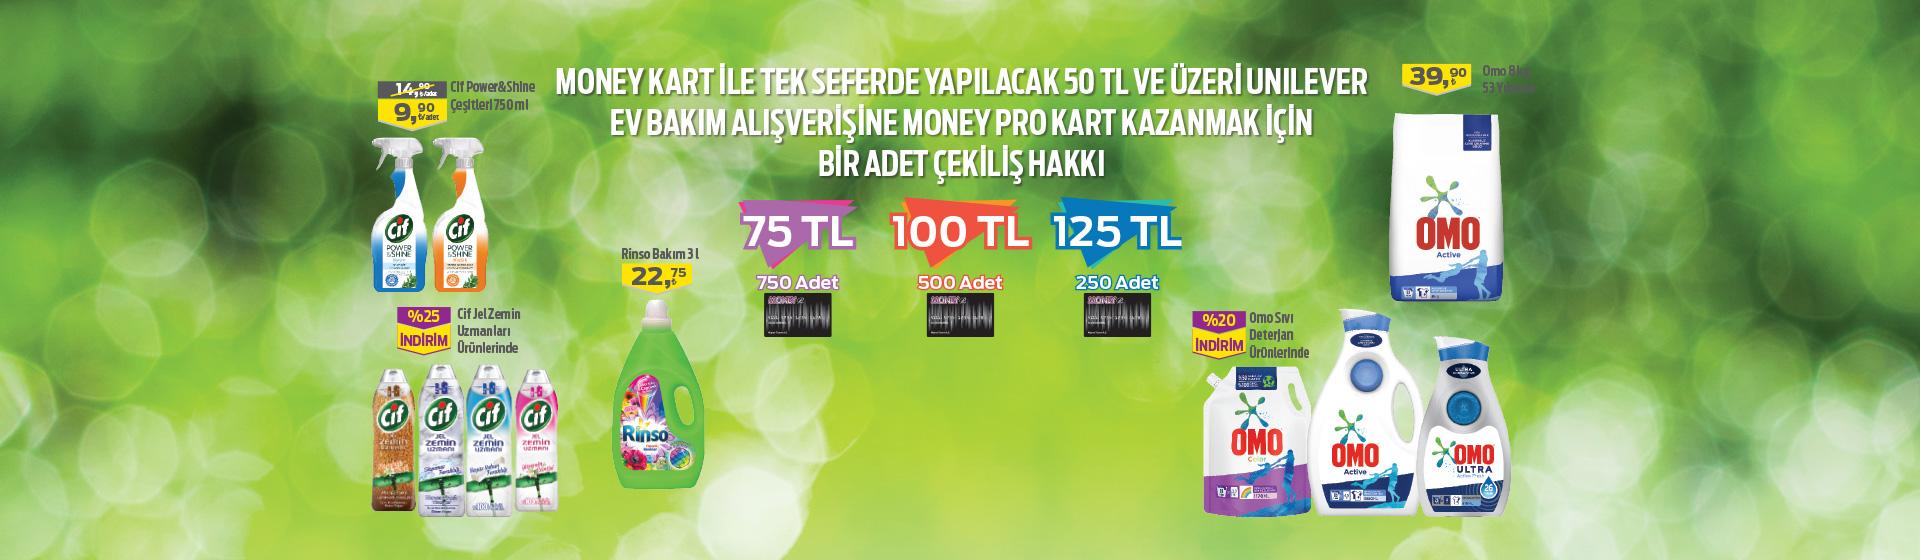 Unilever Çekiliş Kampanyası